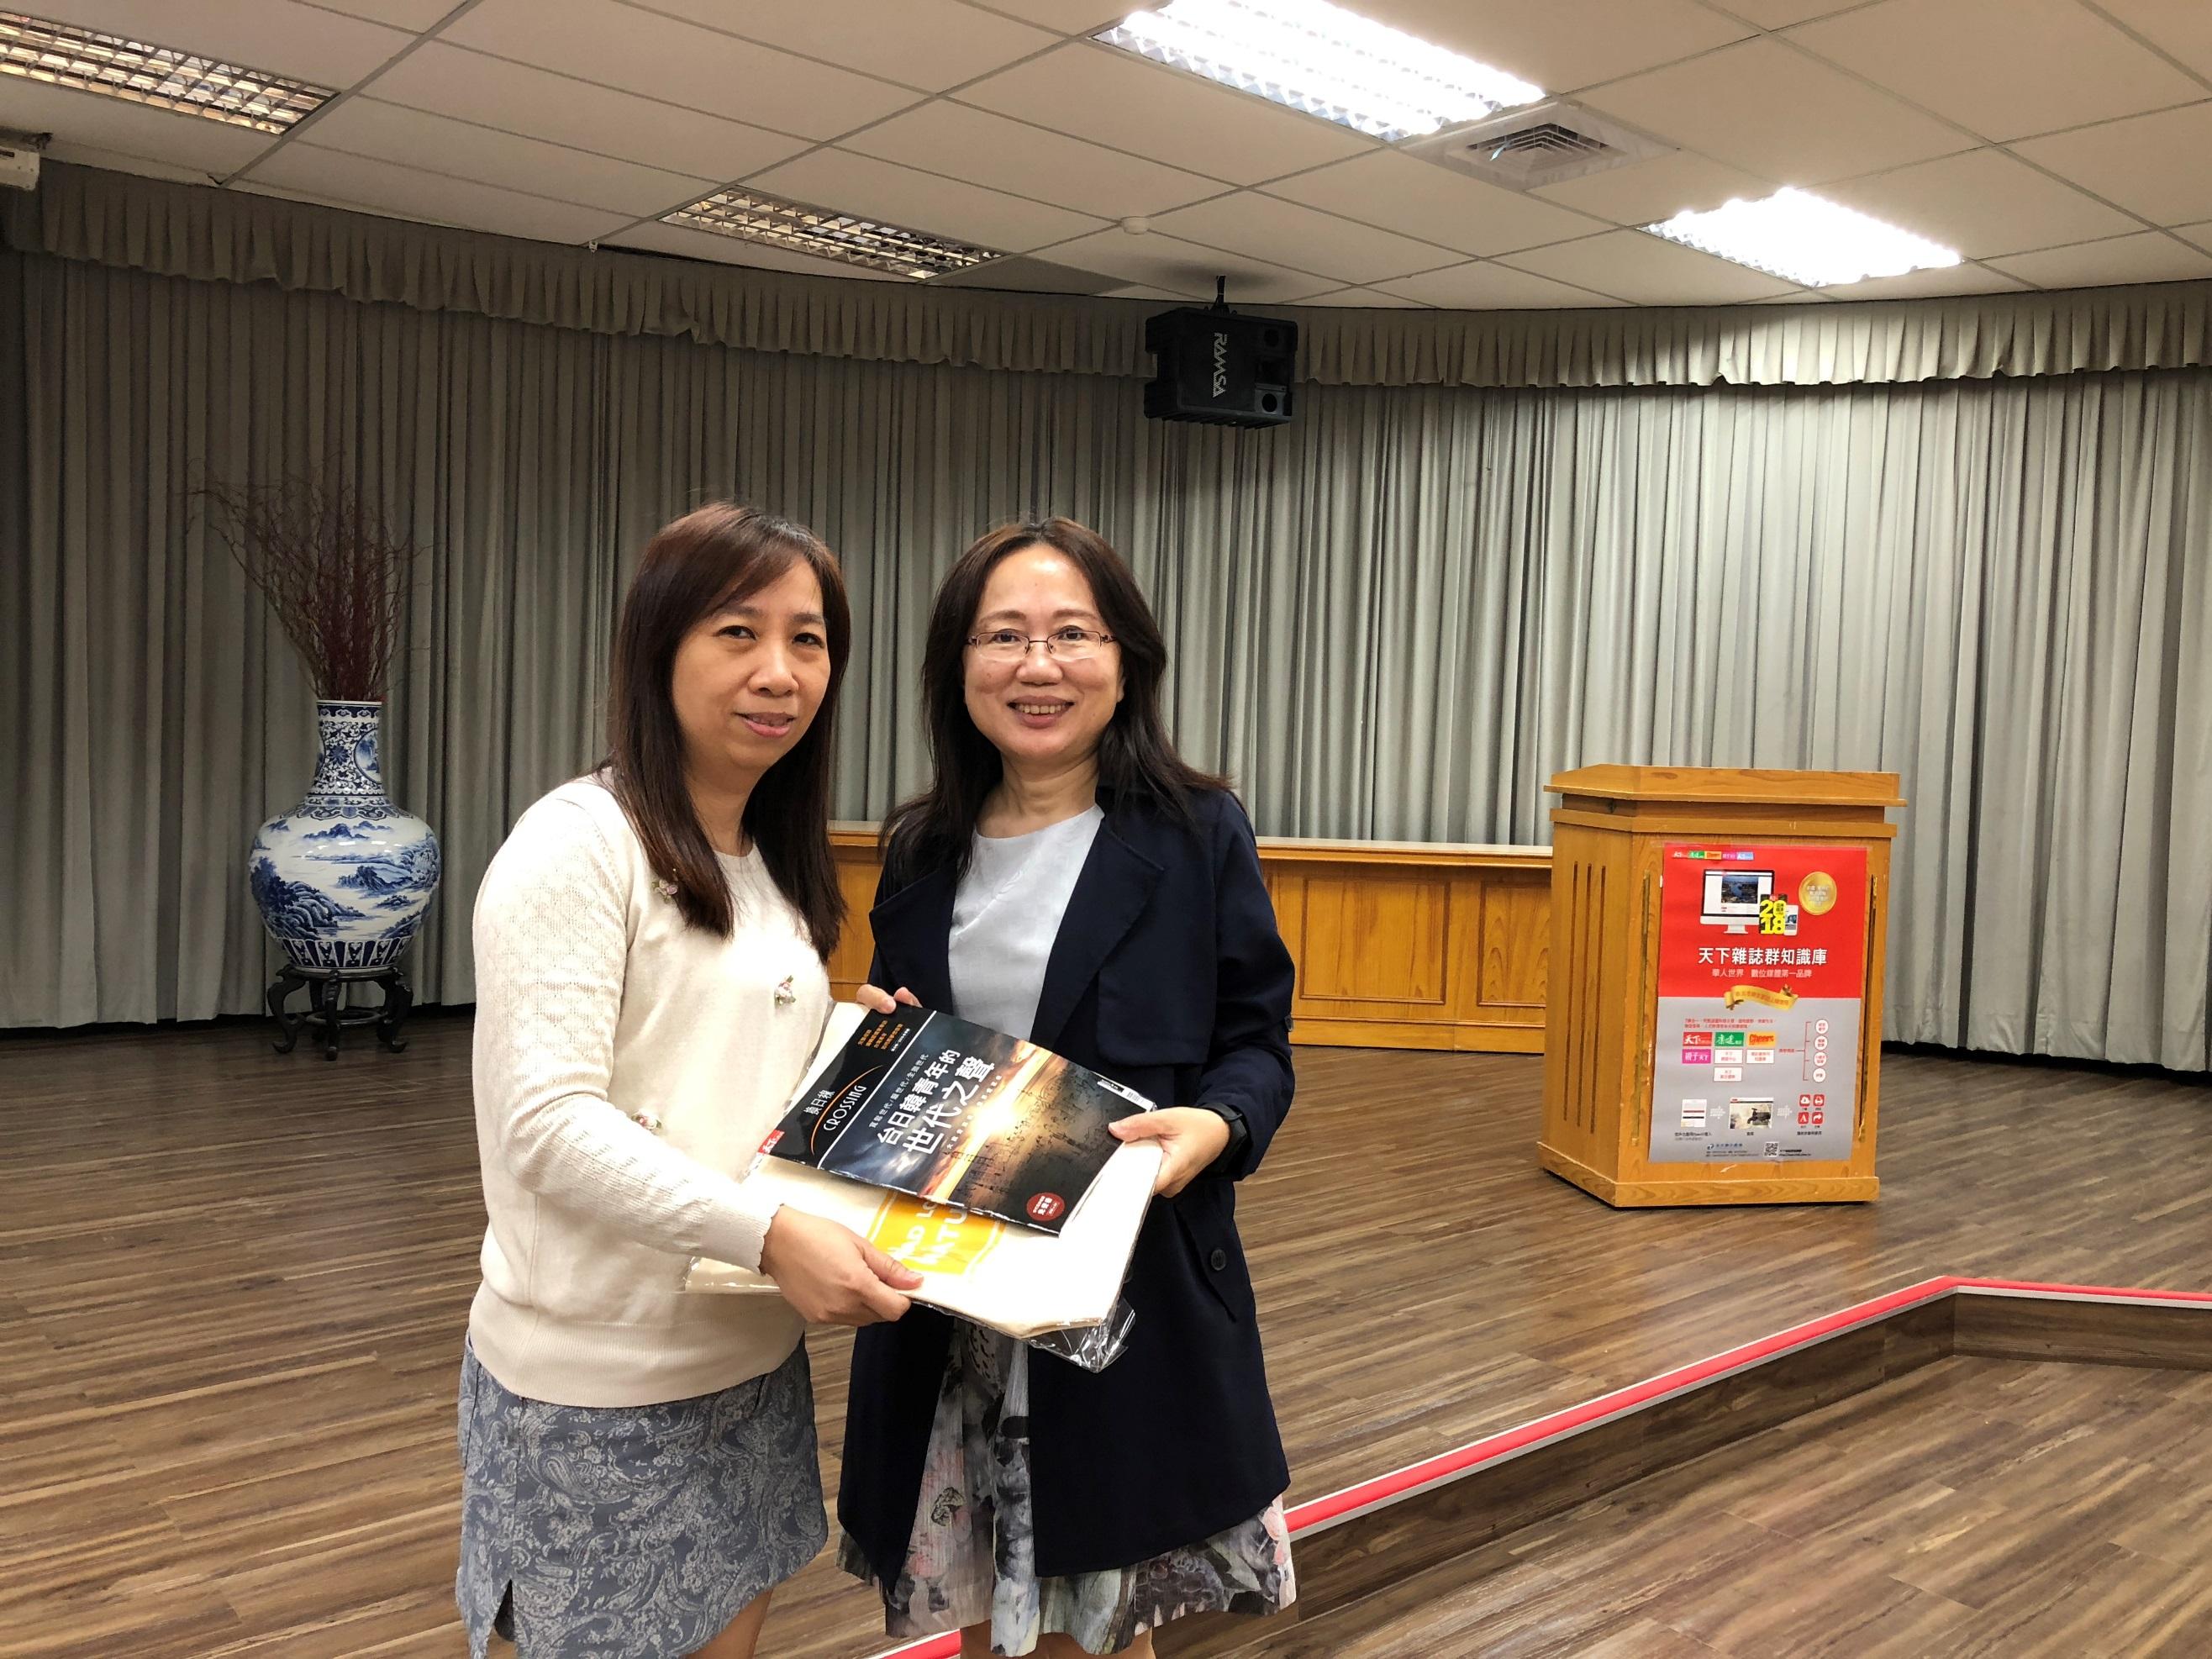 會場集錦:老師與講者們開心合照